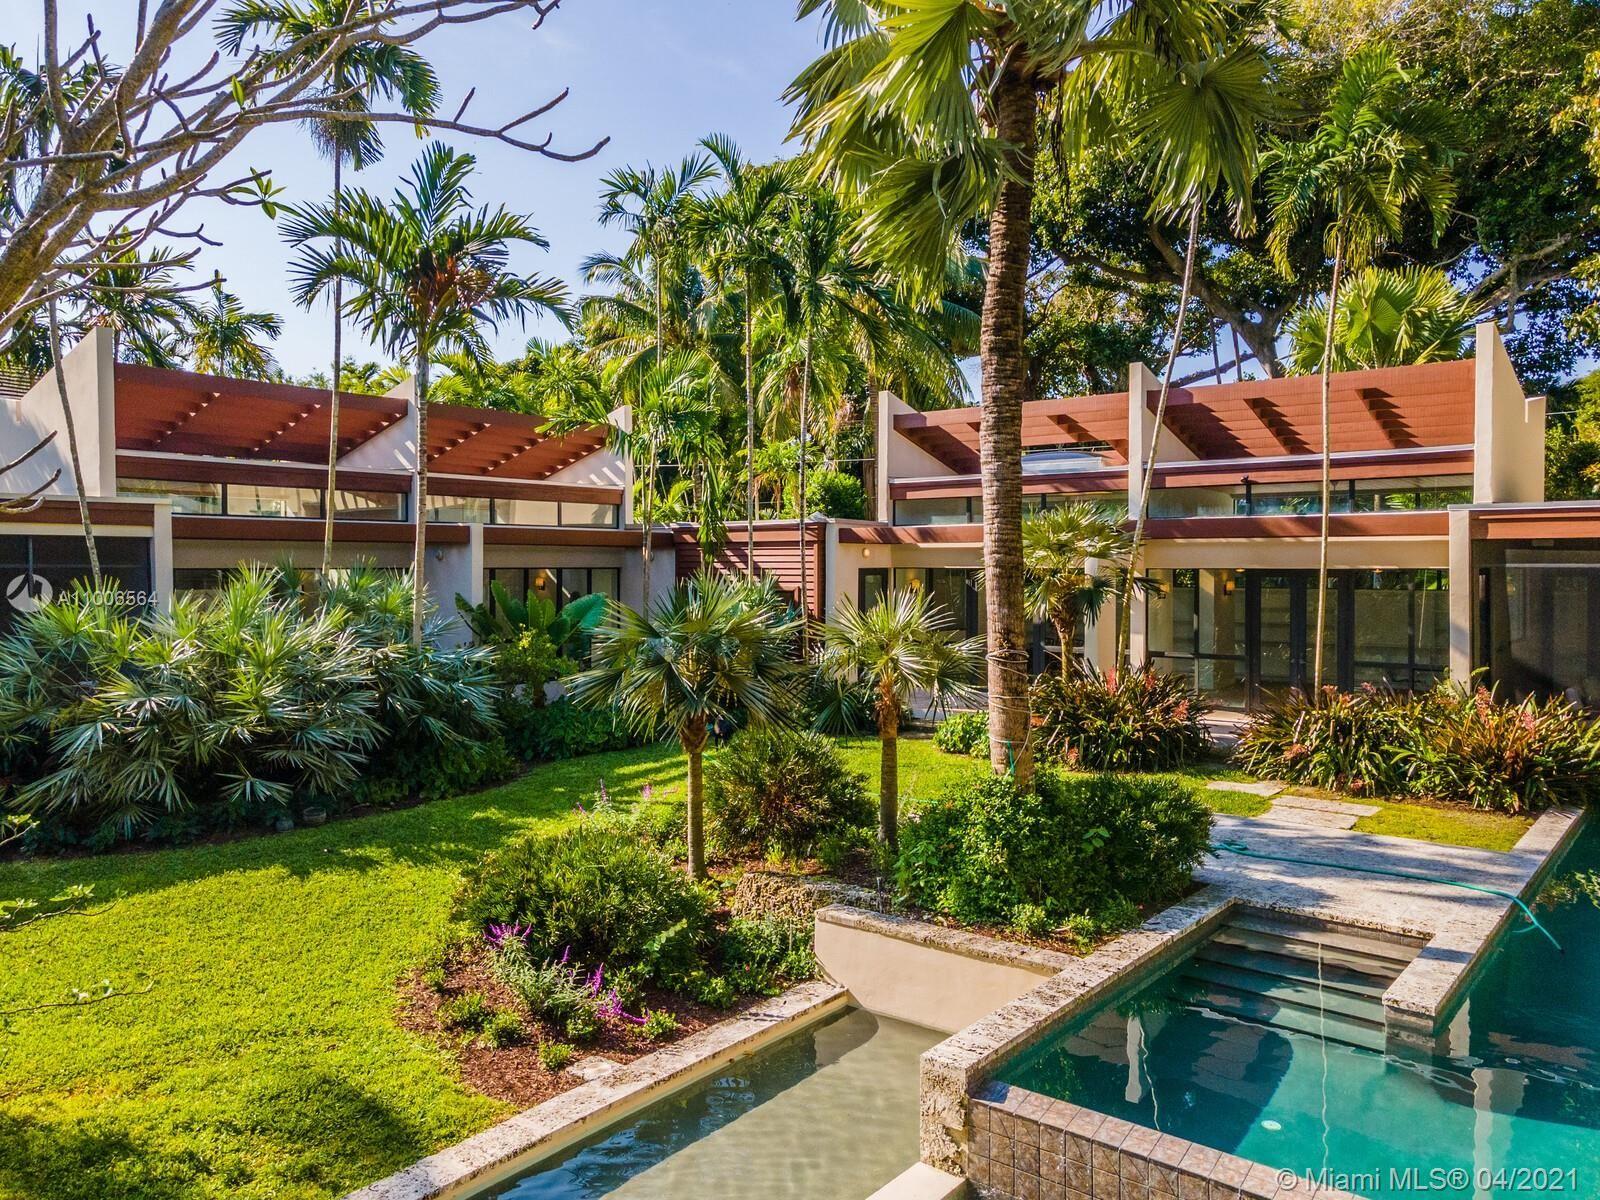 3651 Saint Gaudens Rd, Miami, FL 33133 - #: A11006564